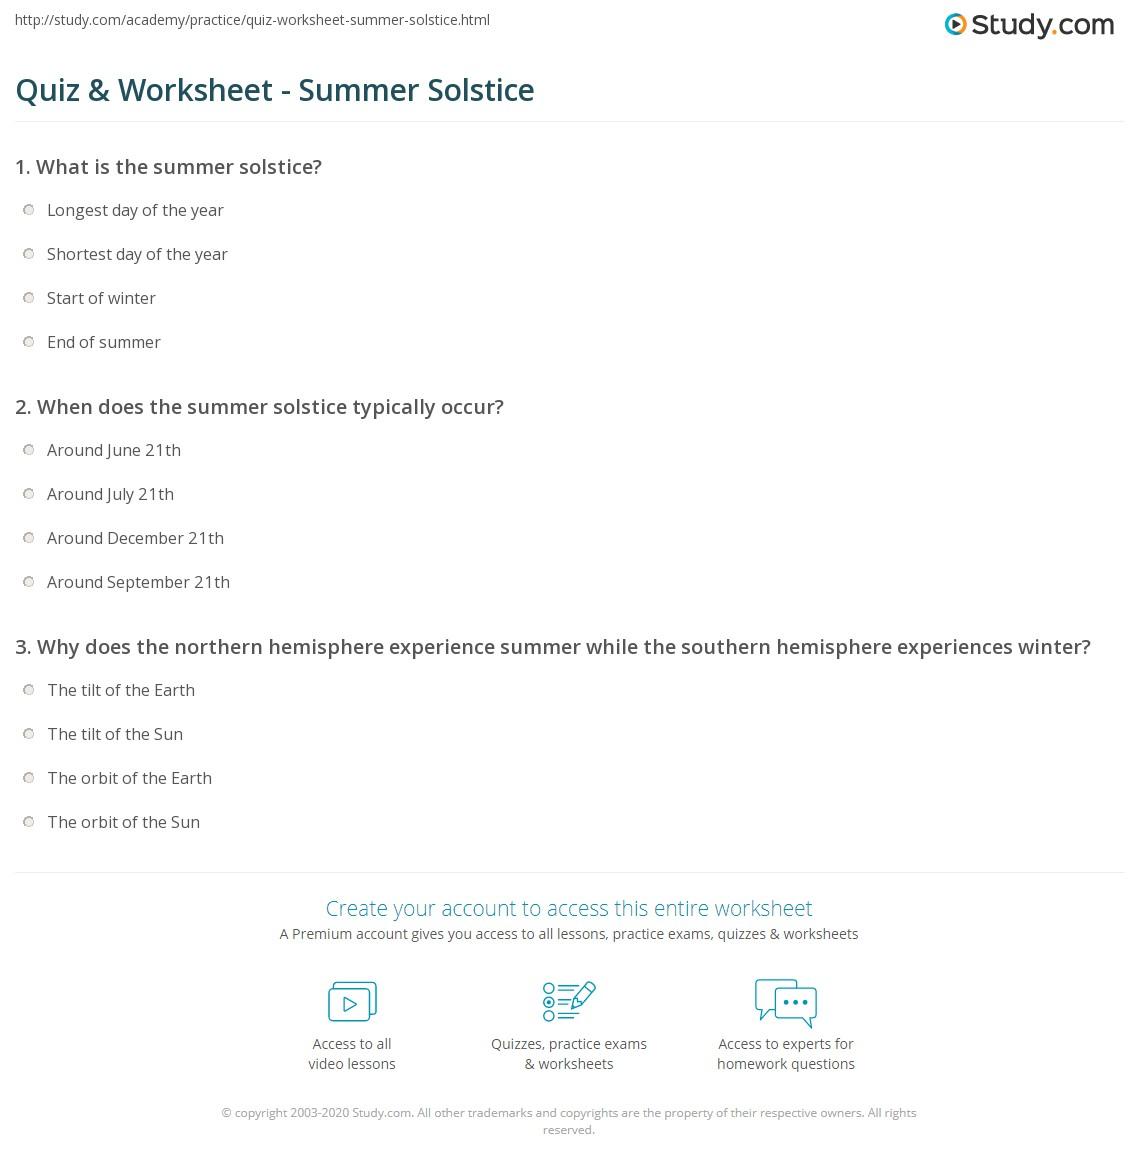 quiz worksheet summer solstice. Black Bedroom Furniture Sets. Home Design Ideas